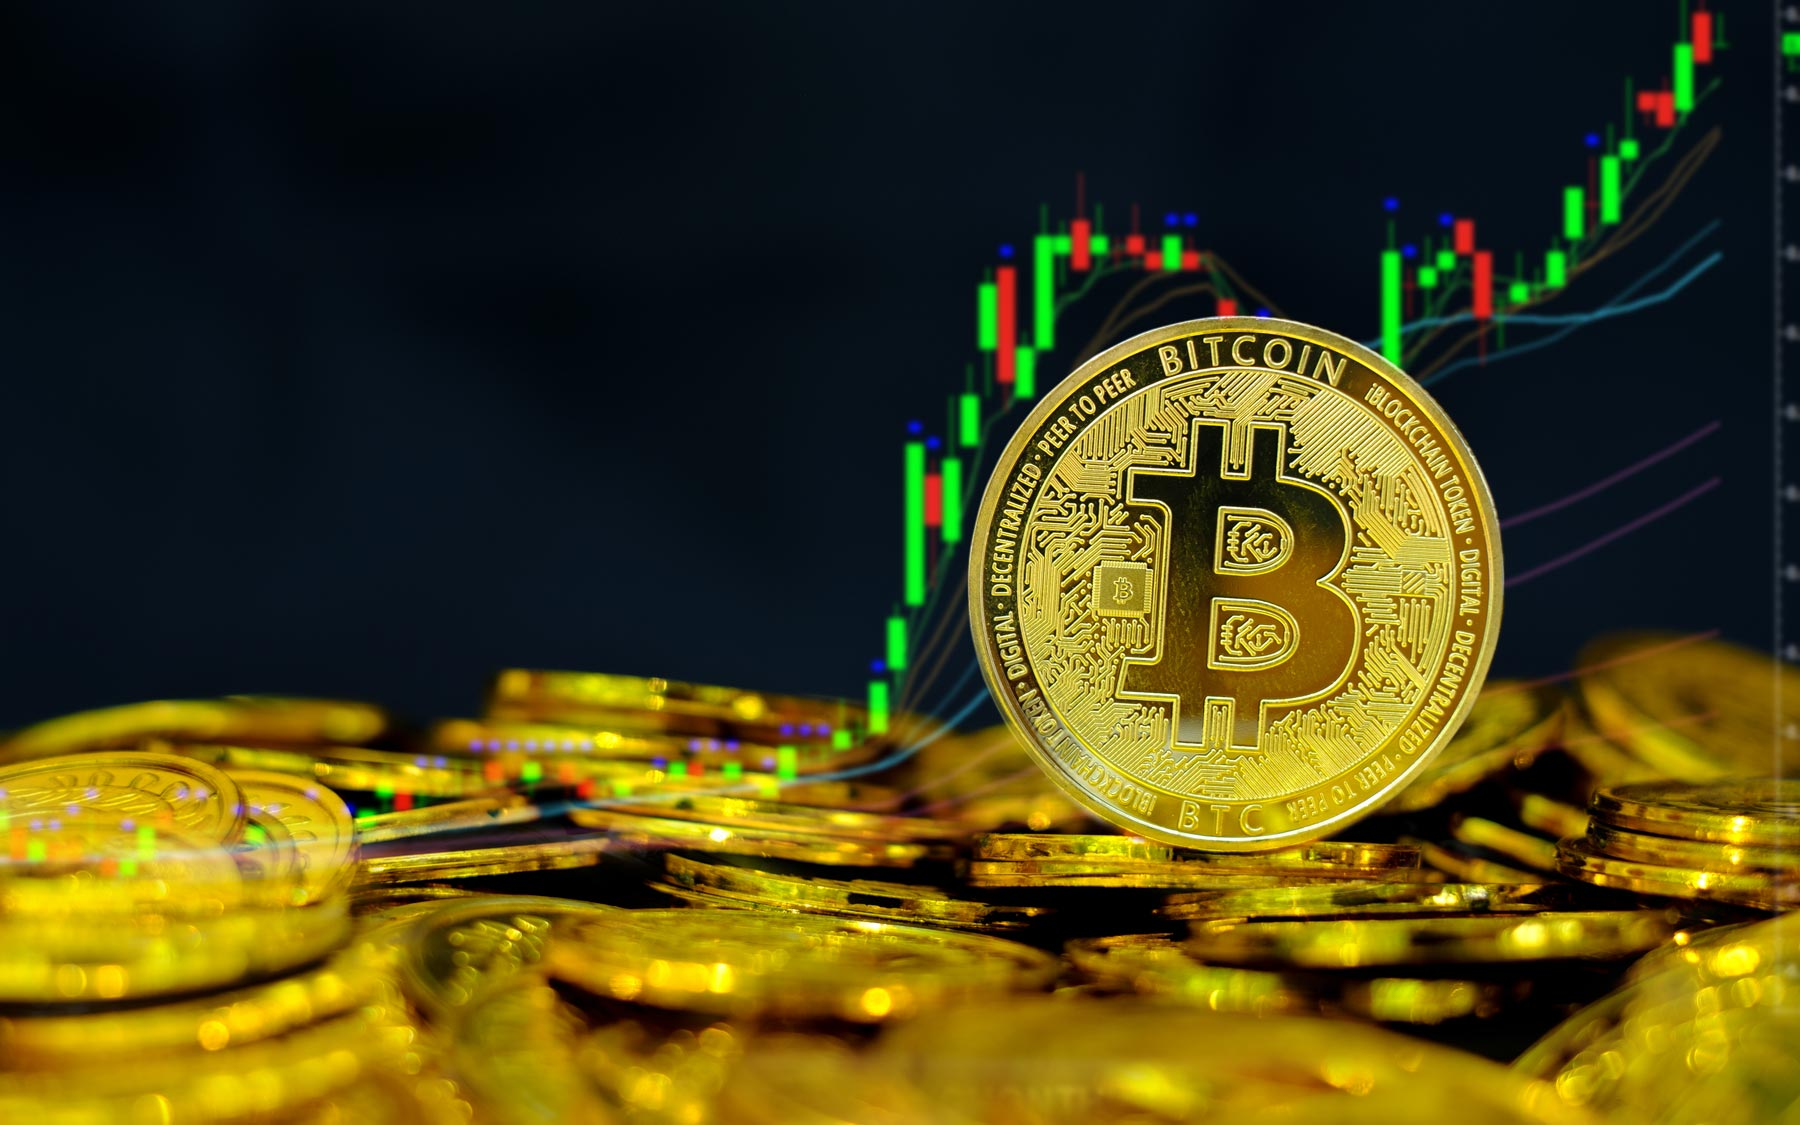 Se o Bitcoin cair, você estará preparado para comprar? empresas estarão